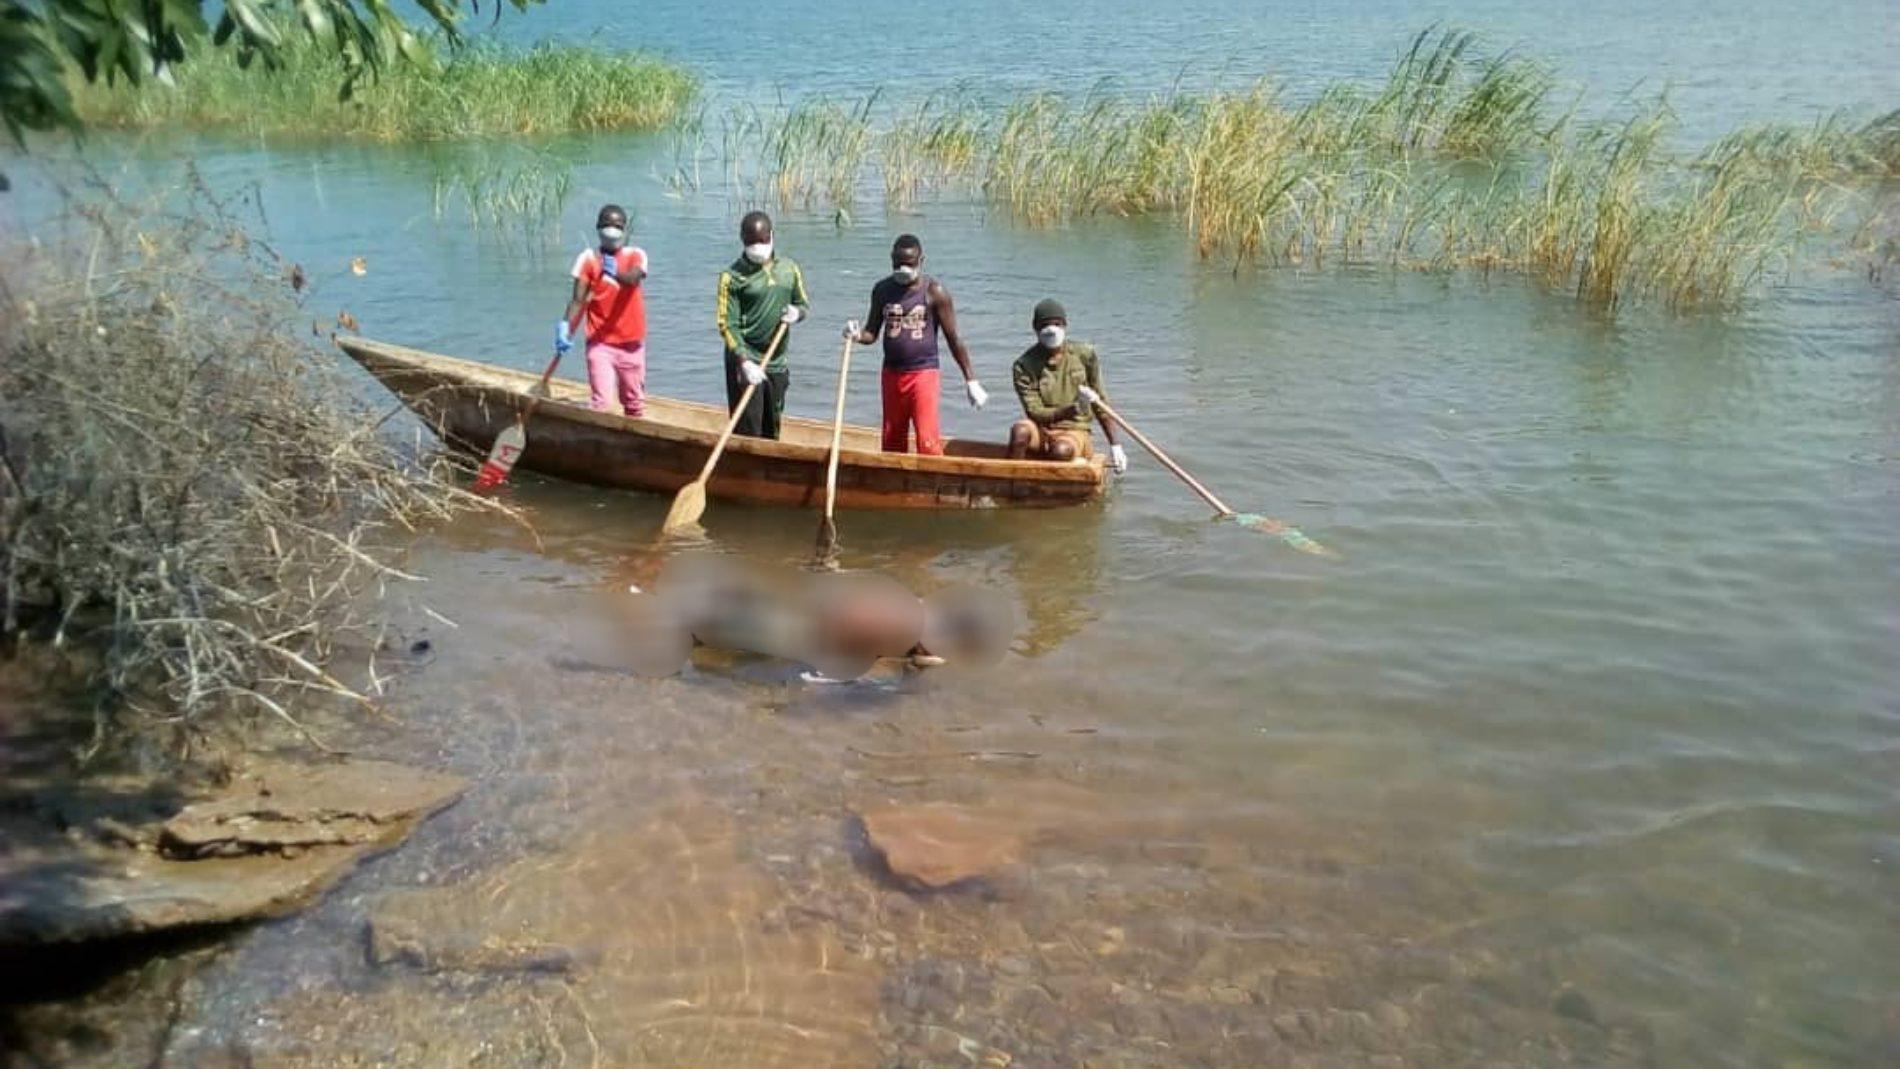 Nyanza-lac : les autorités ont enterré un corps sans l'identifier